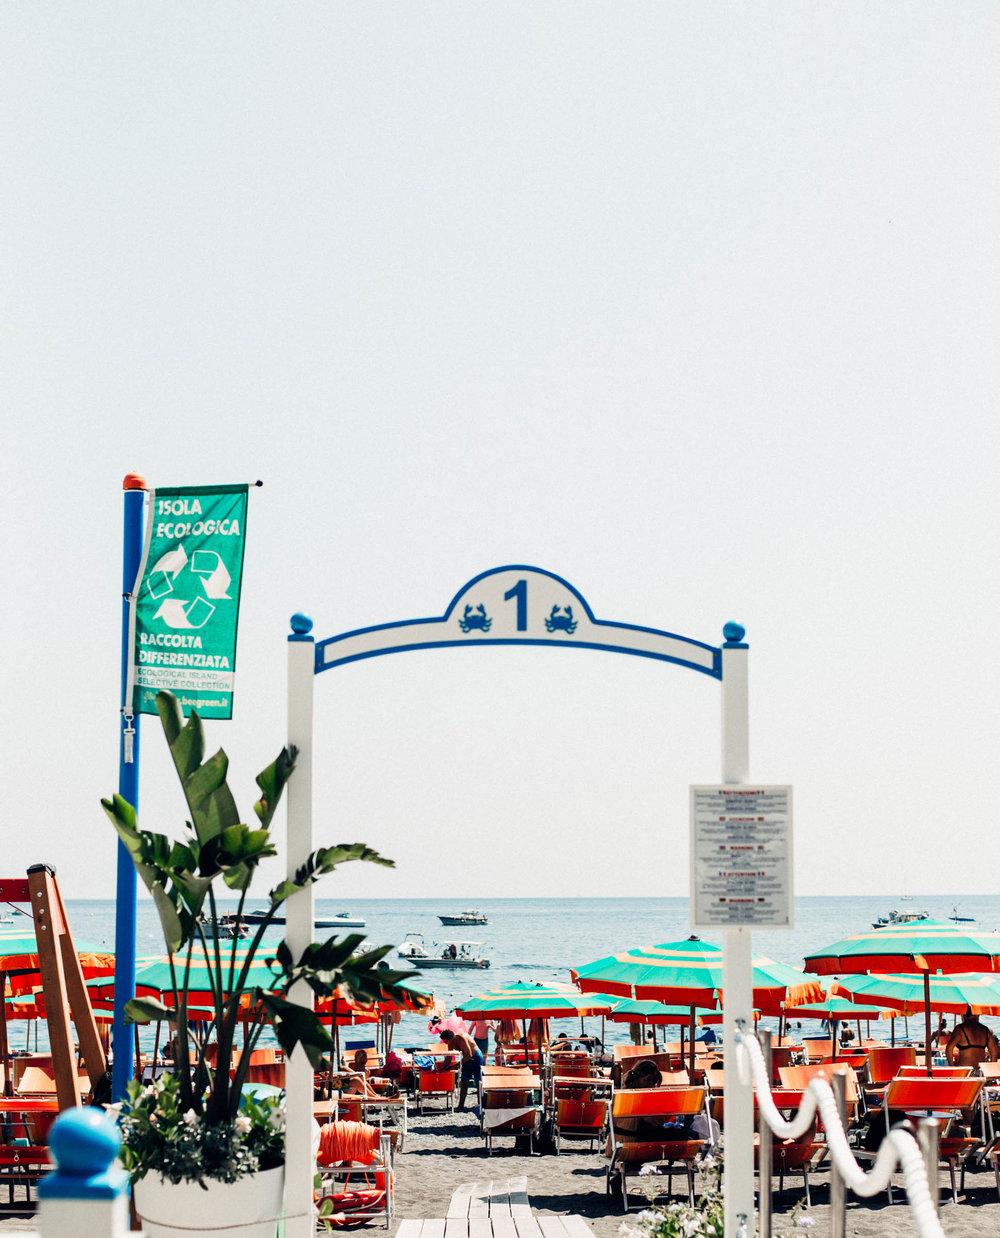 AmalfiCoast-307.jpg